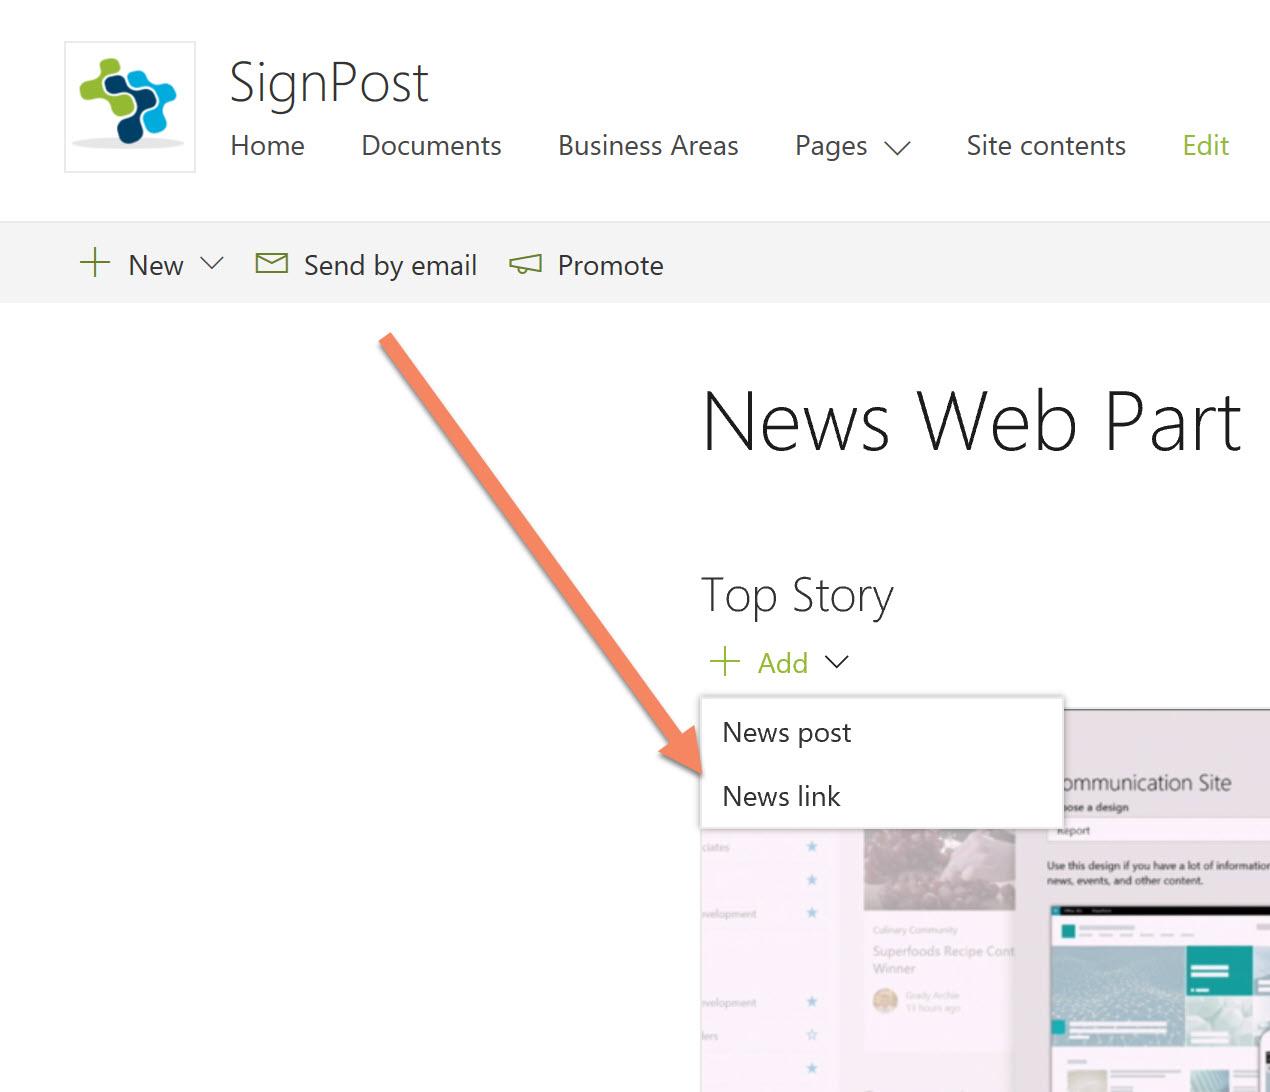 Screenshot of the webpart add news link button